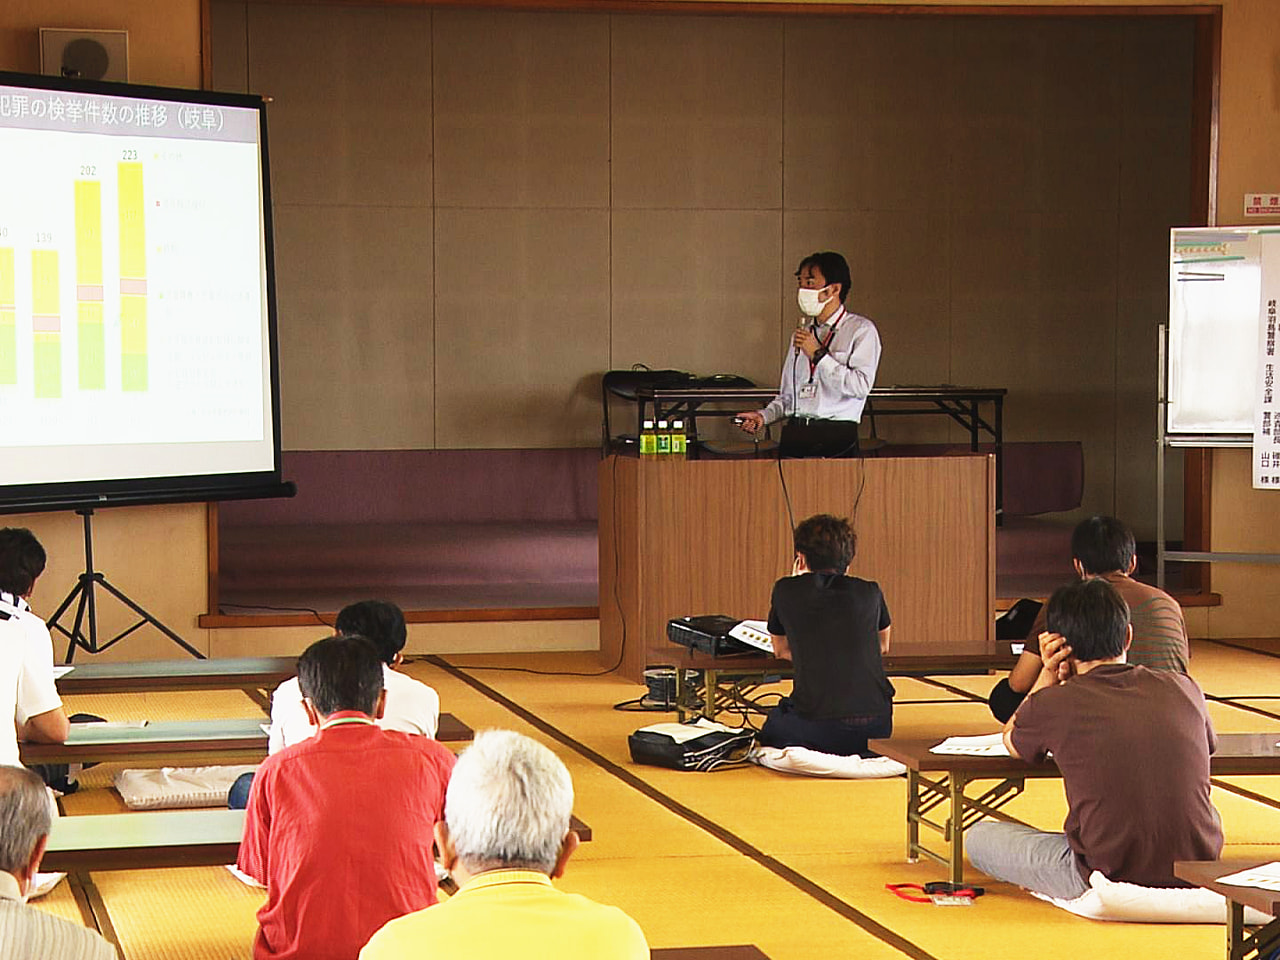 馬券の不正購入問題などを受け、岐阜県地方競馬組合は28日、笠松競馬の騎手や調教師...